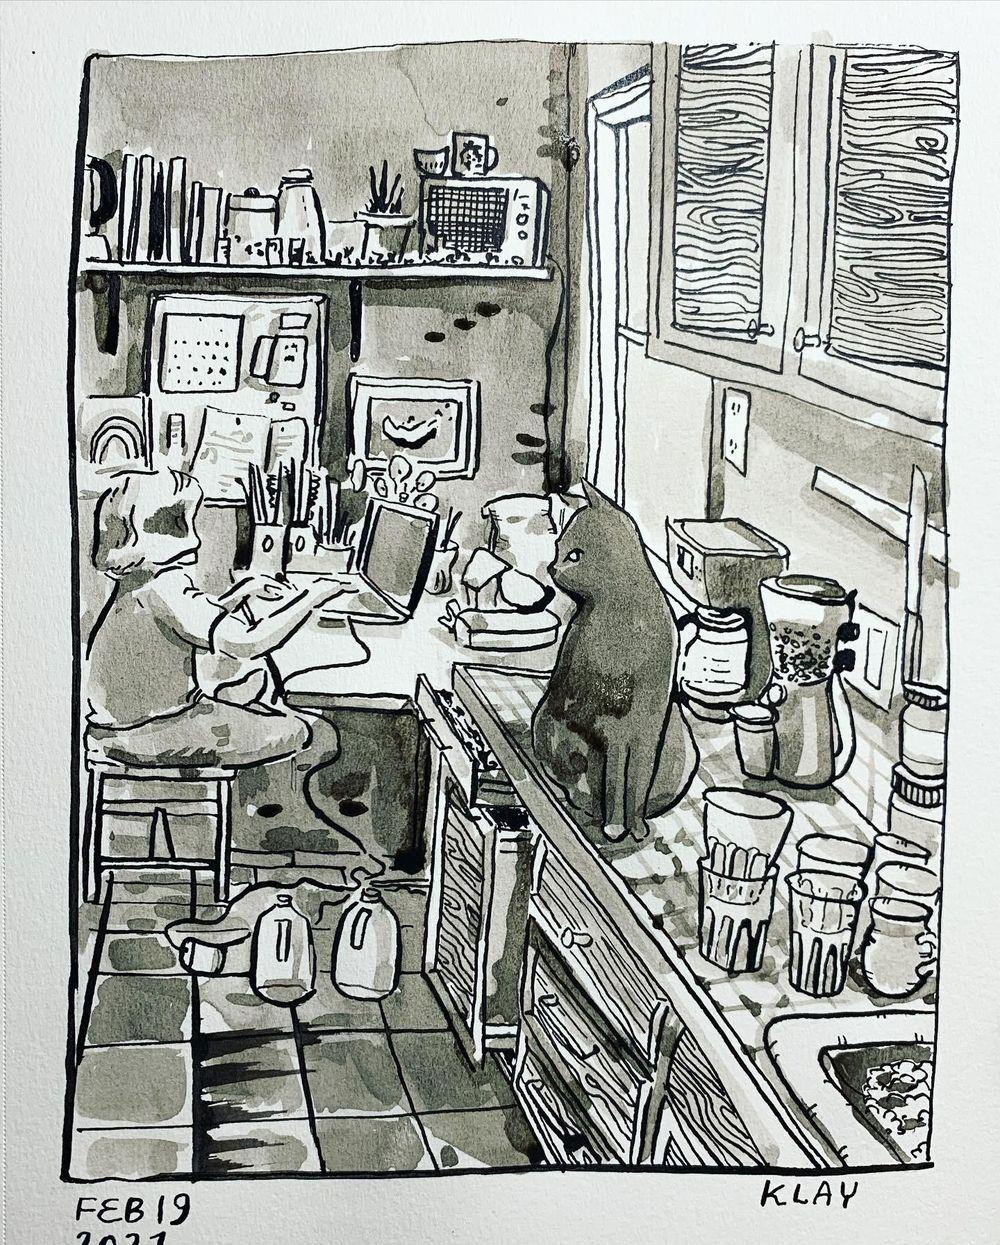 Sketchbook Challenge - image 7 - student project